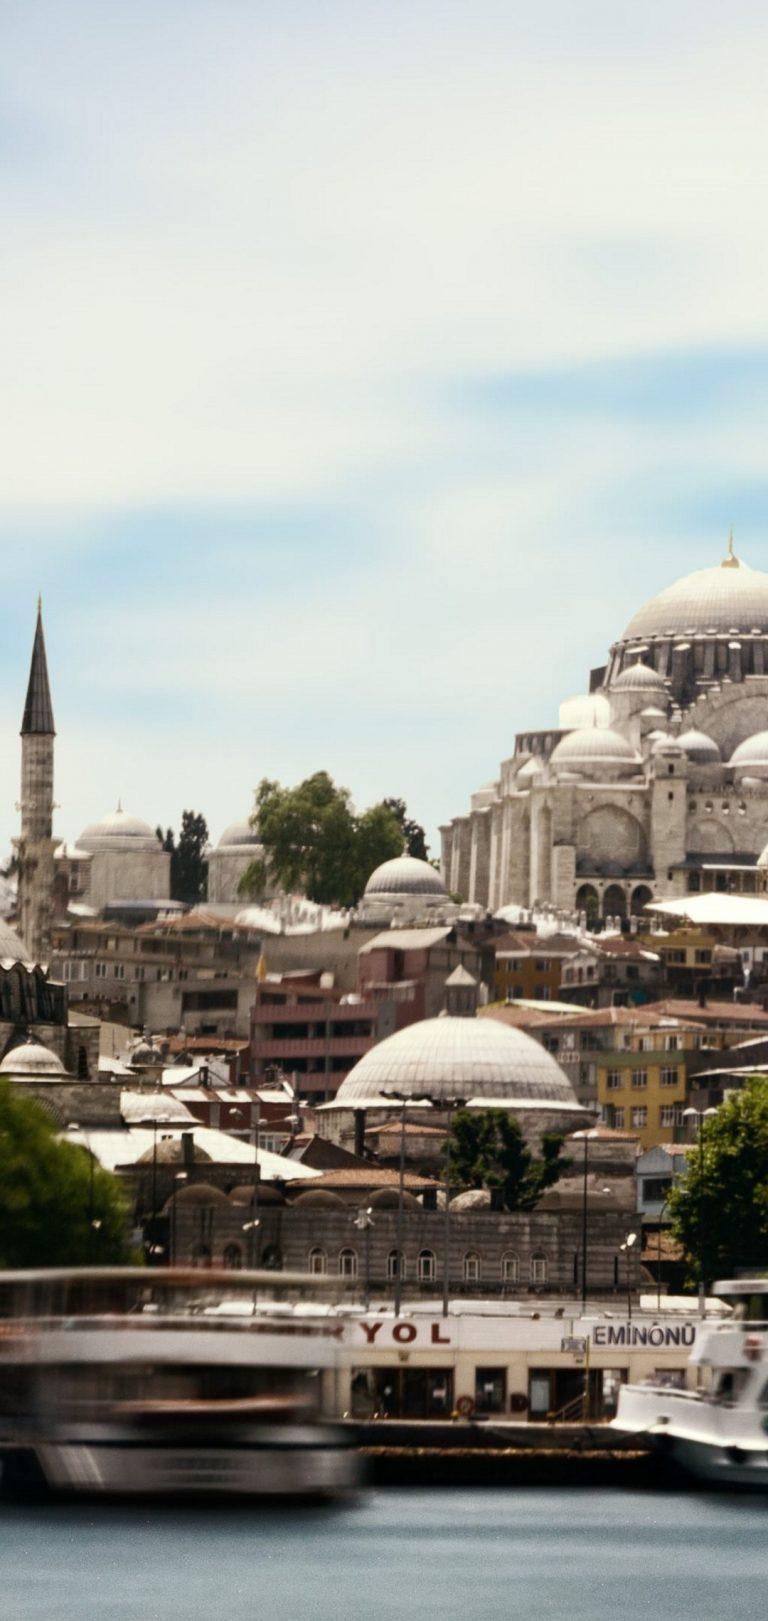 Istanbul Wallpaper 1080x2280 768x1621